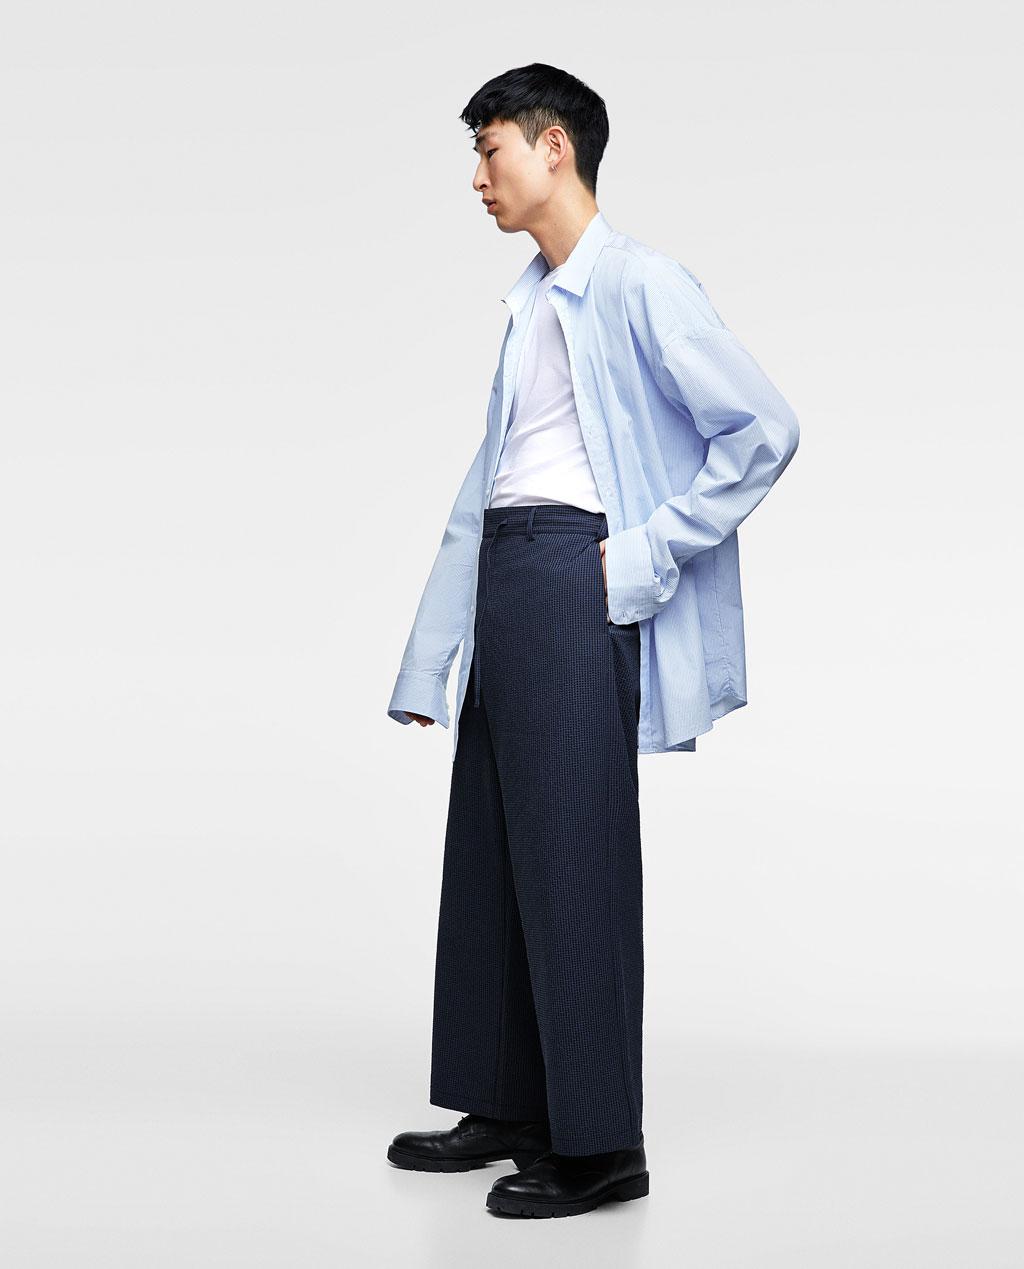 Thời trang nam Zara  24150 - ảnh 3